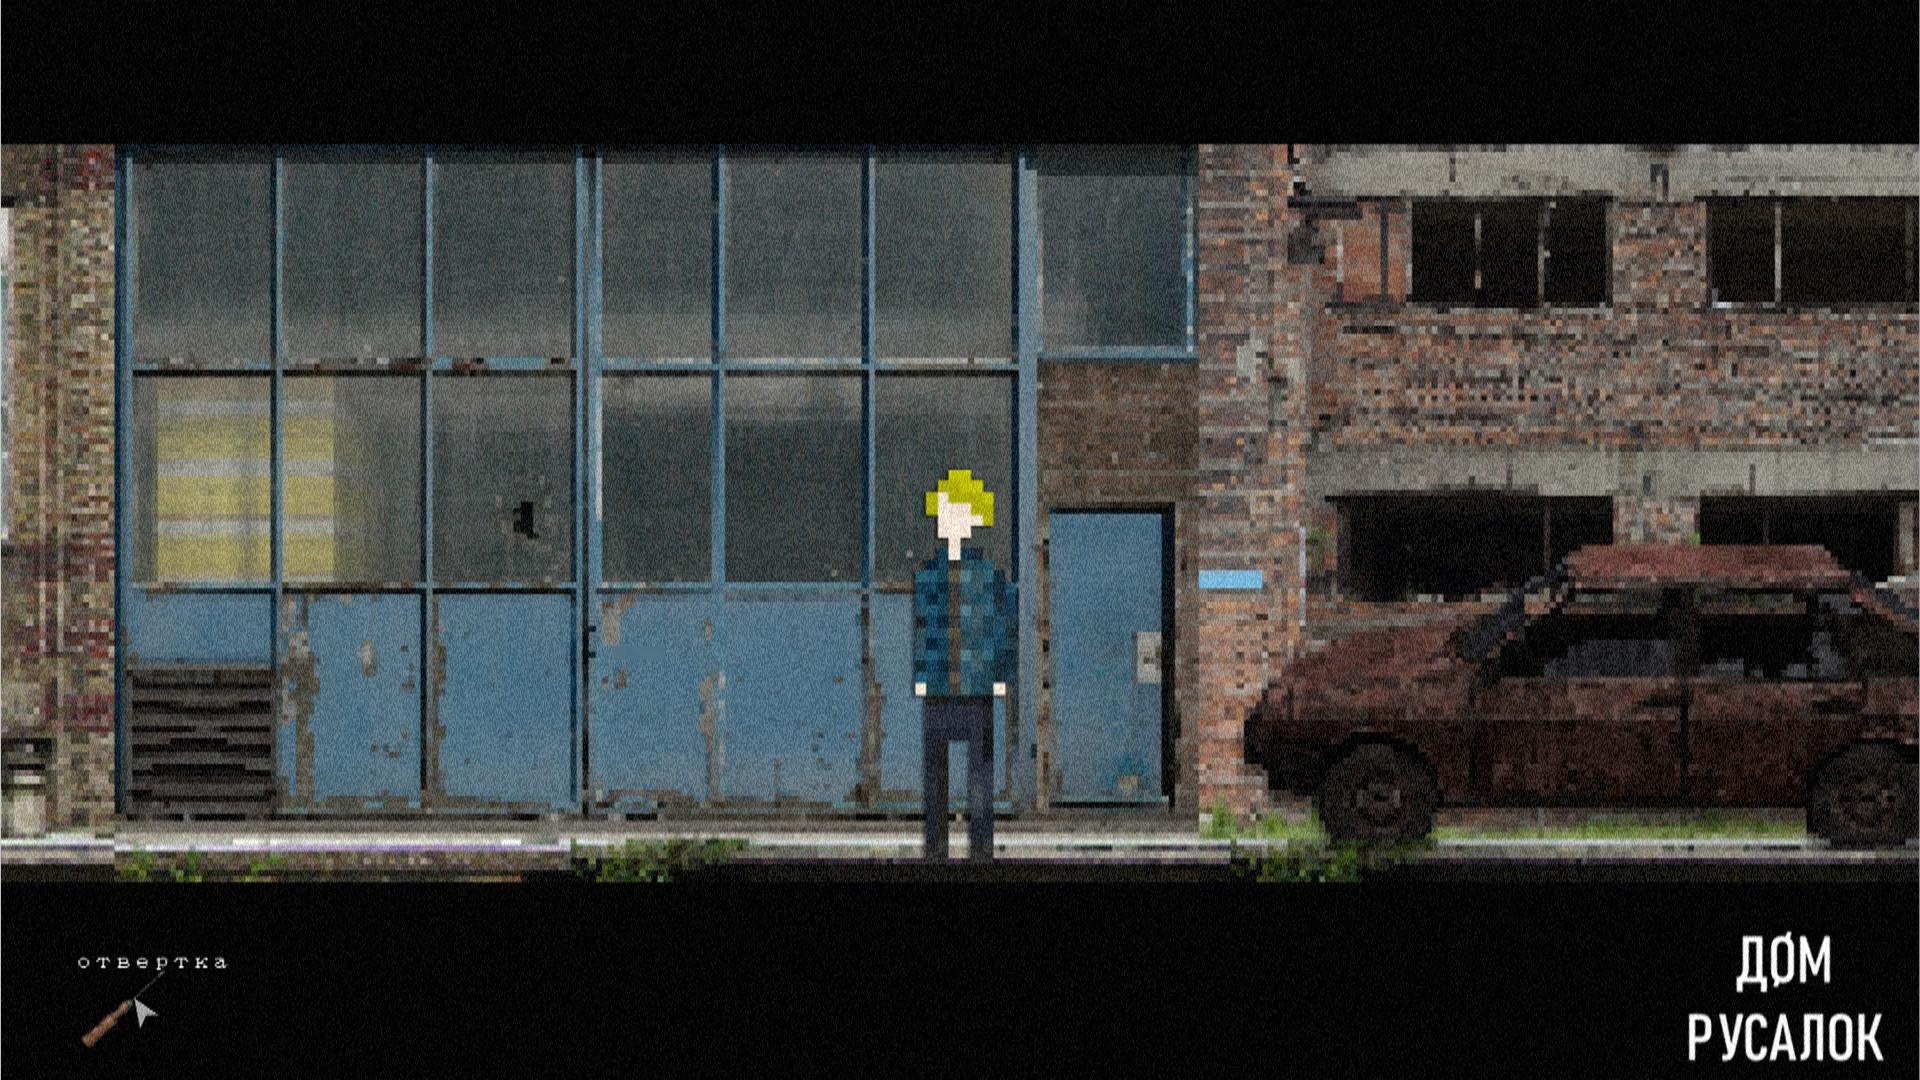 Дøм Русалок - игра про сарайное детство 90-х. - Изображение 7